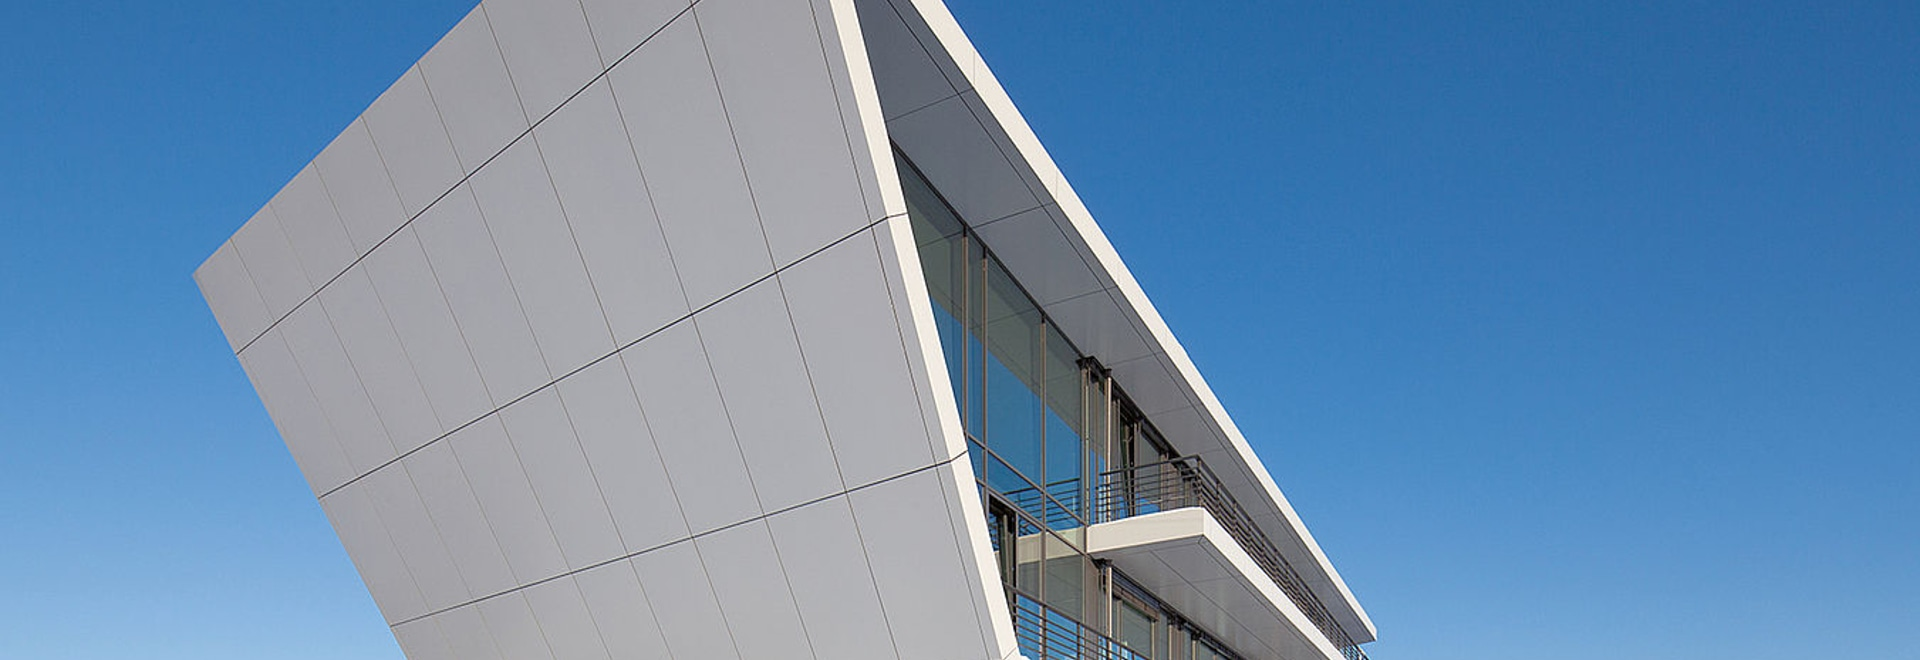 Denker & Wulf – Architecture angulaire et façade homogène avec les panneaux composites en aluminium Reynobond